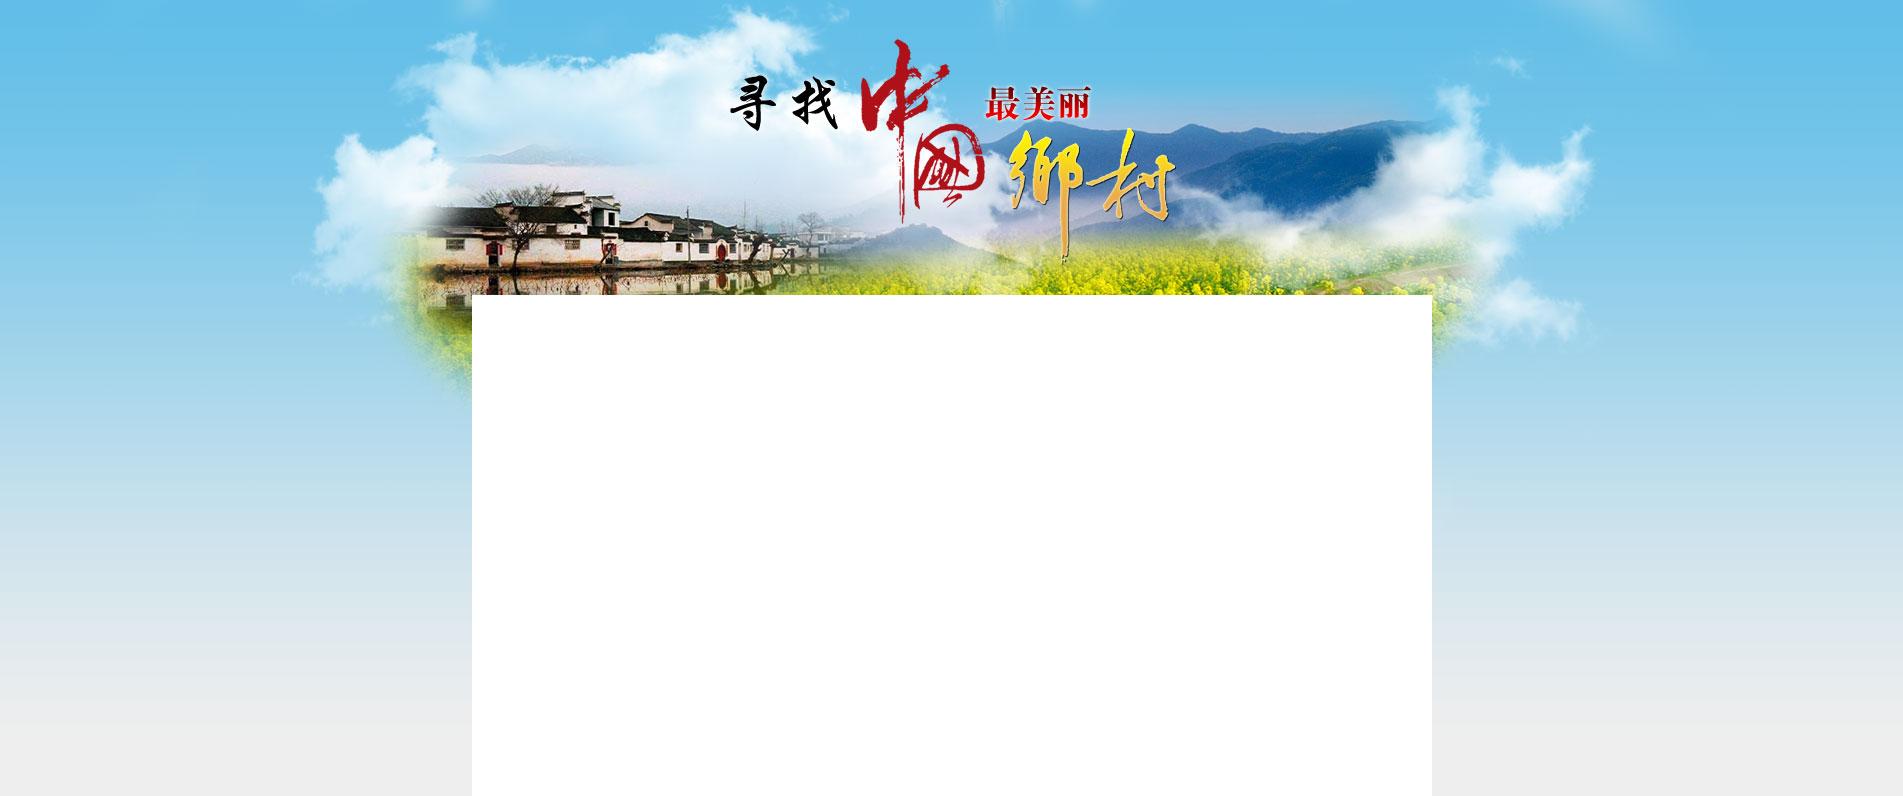 寻找中国最美丽乡村